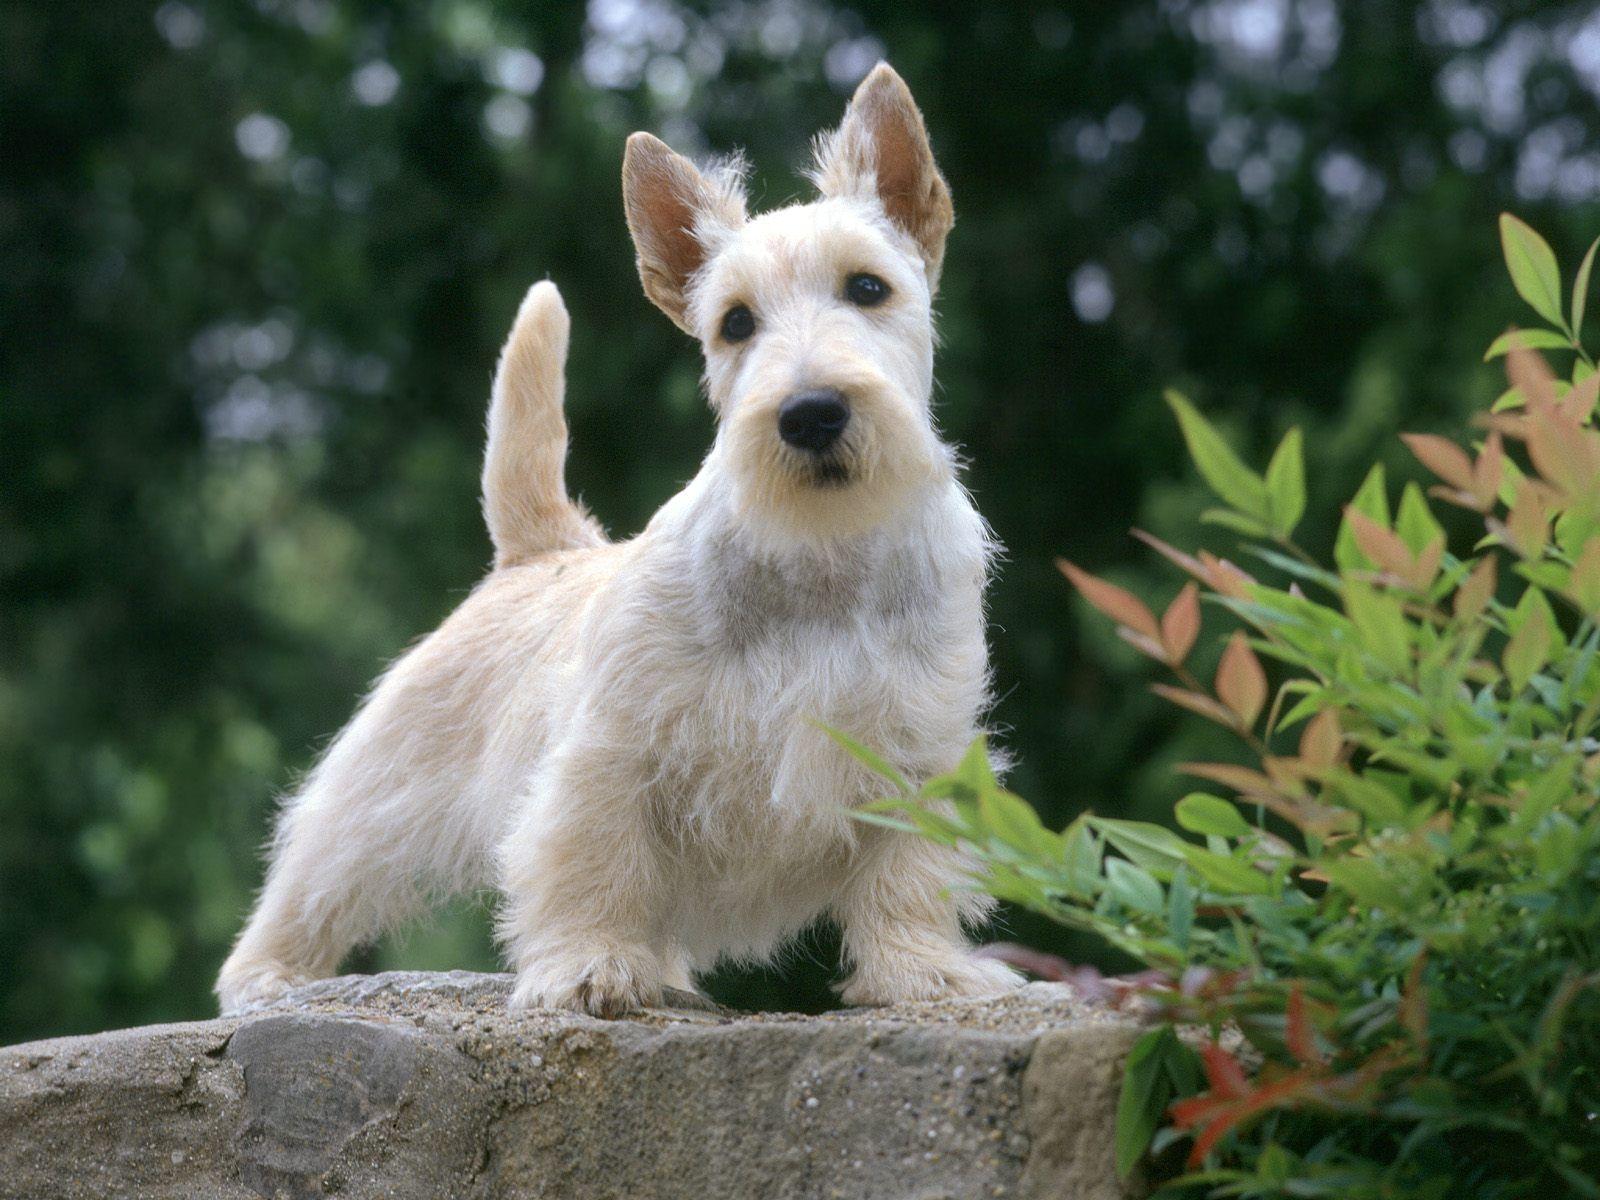 White Scottish Terrier dog wallpaper